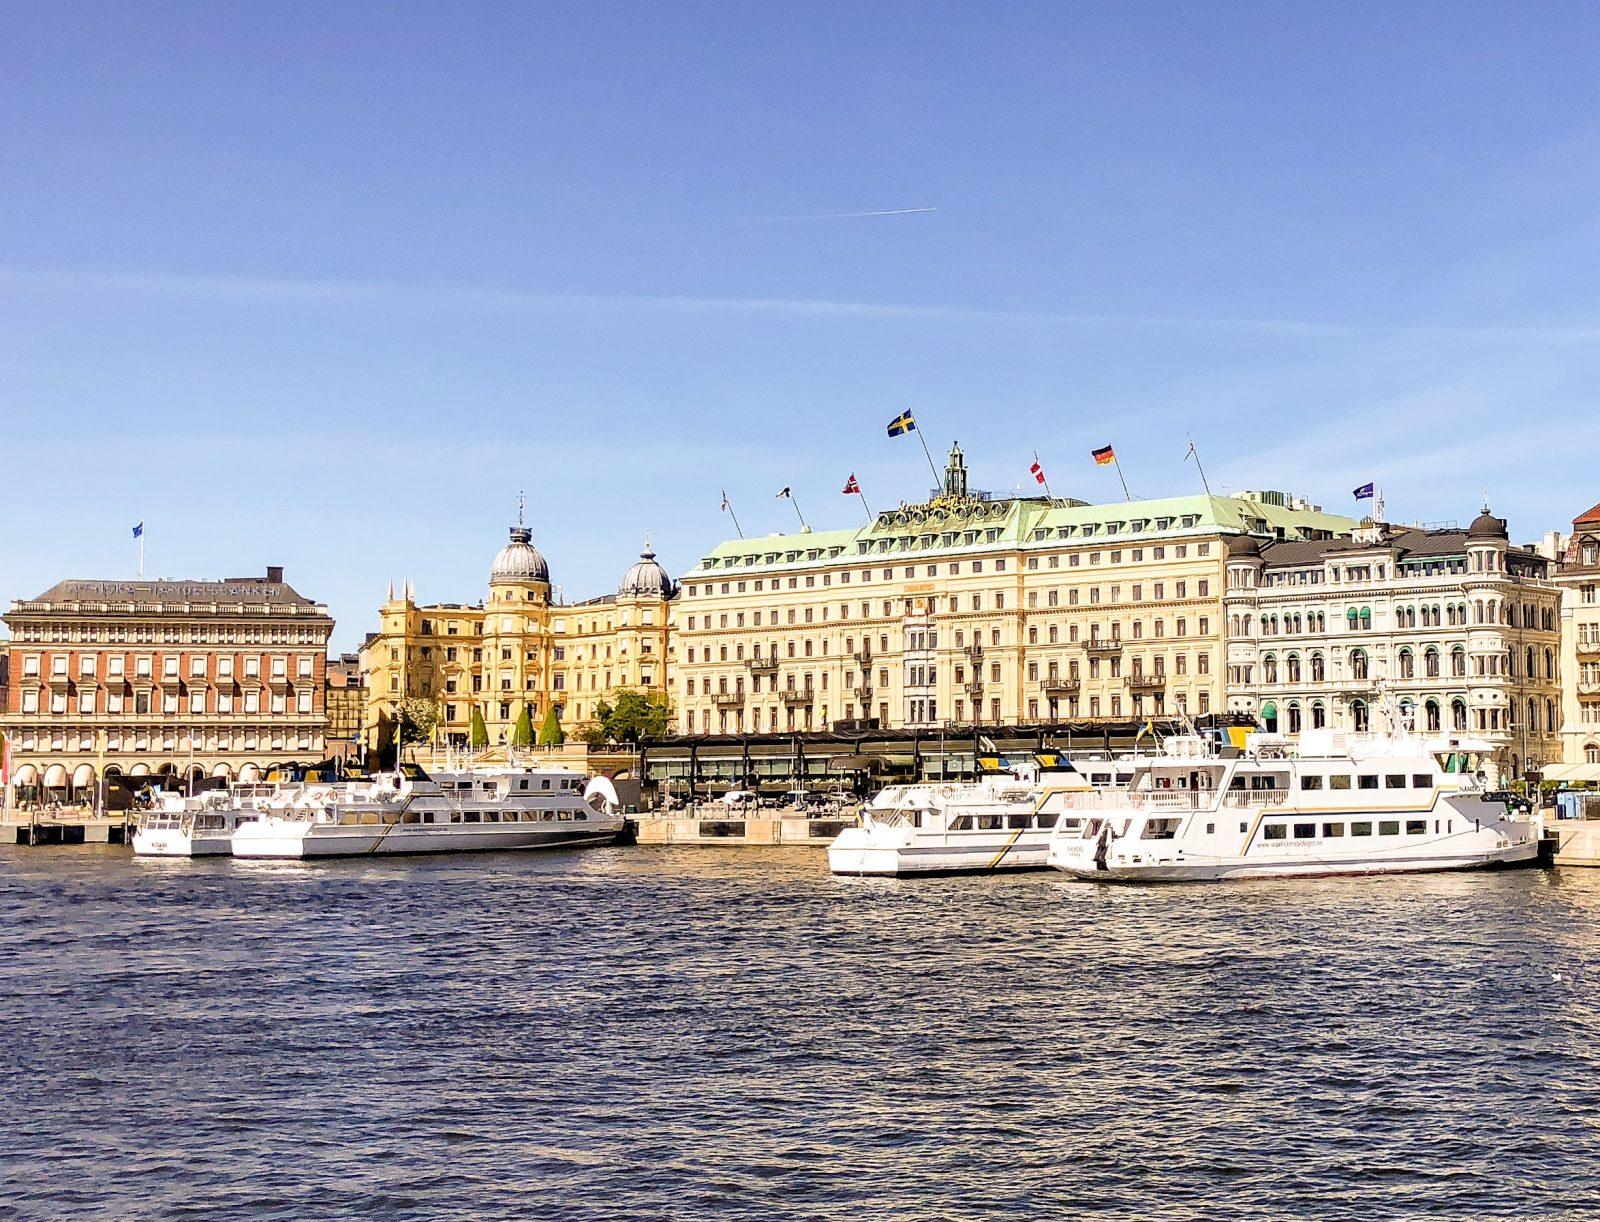 Voyage stockholm, Découvrir stockholm, fmr travelblog, blog stockholm